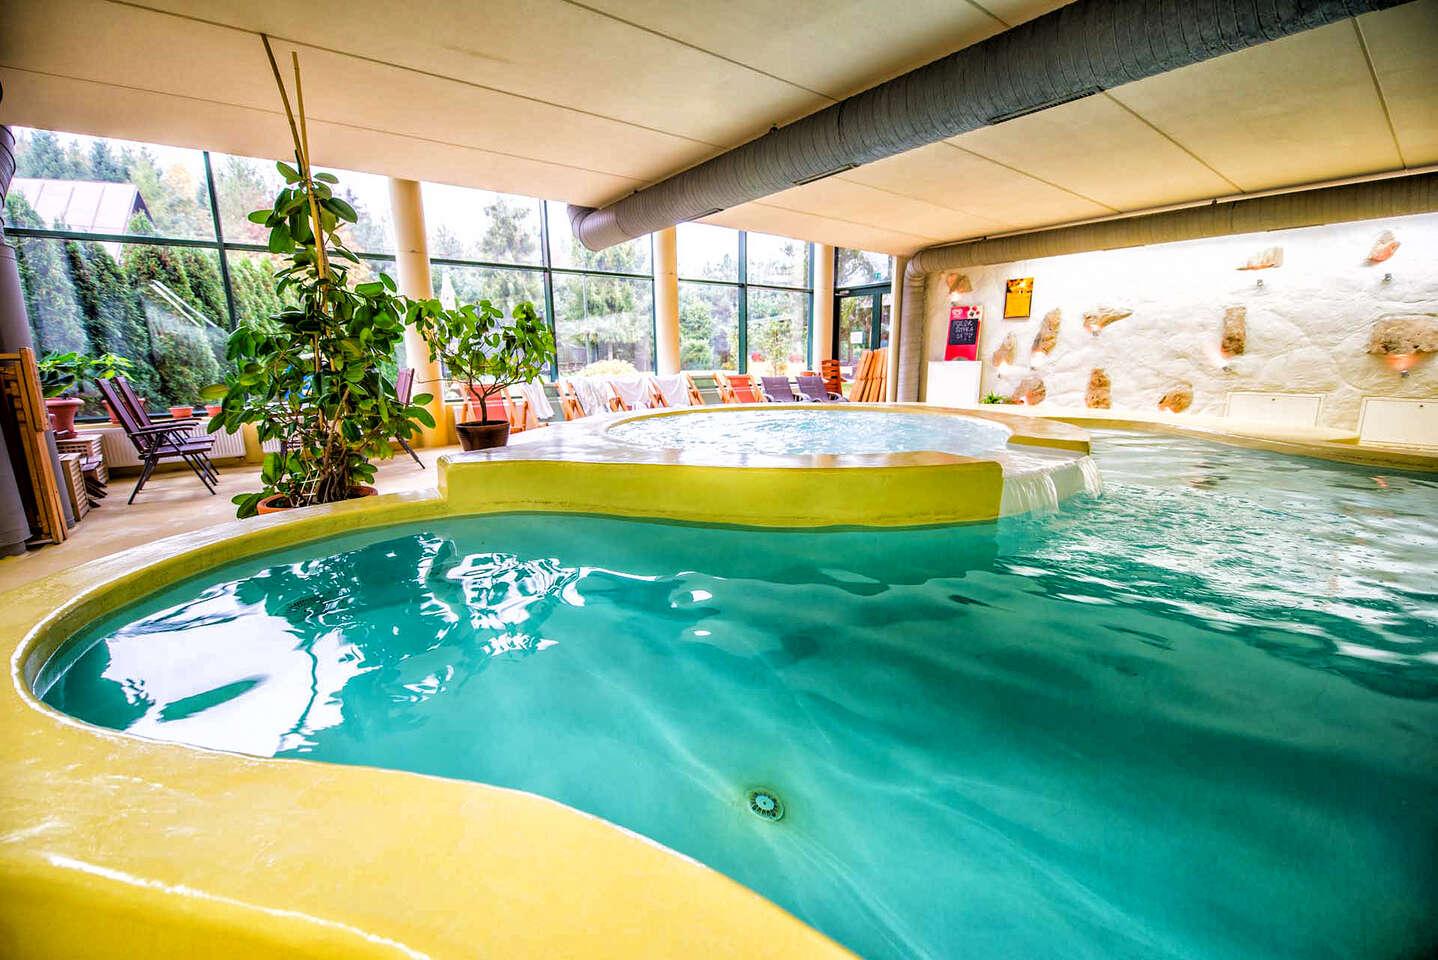 Wellness alebo ALL INCLUSIVE pobyt v Slovenskom raji s dieťaťom do 6 rokov v cene a platnosťou až do júna 2022 vo Ville Pinus, ktorá je dependance Hotela Čingov ***